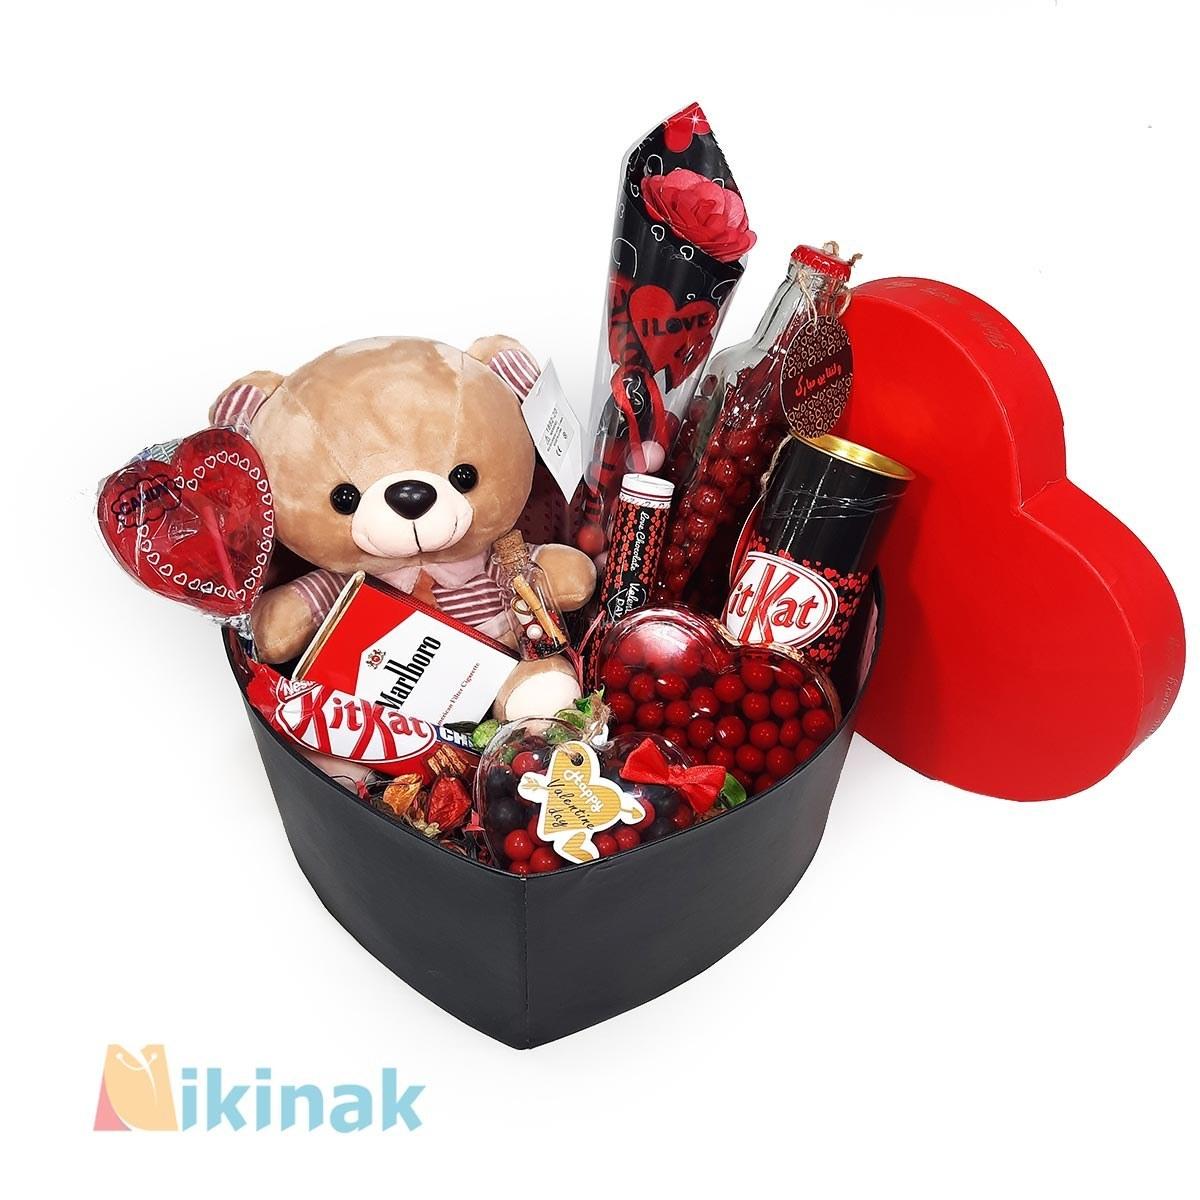 باکس کادوی ولنتاین همراه با عروسک خرس کرواتی